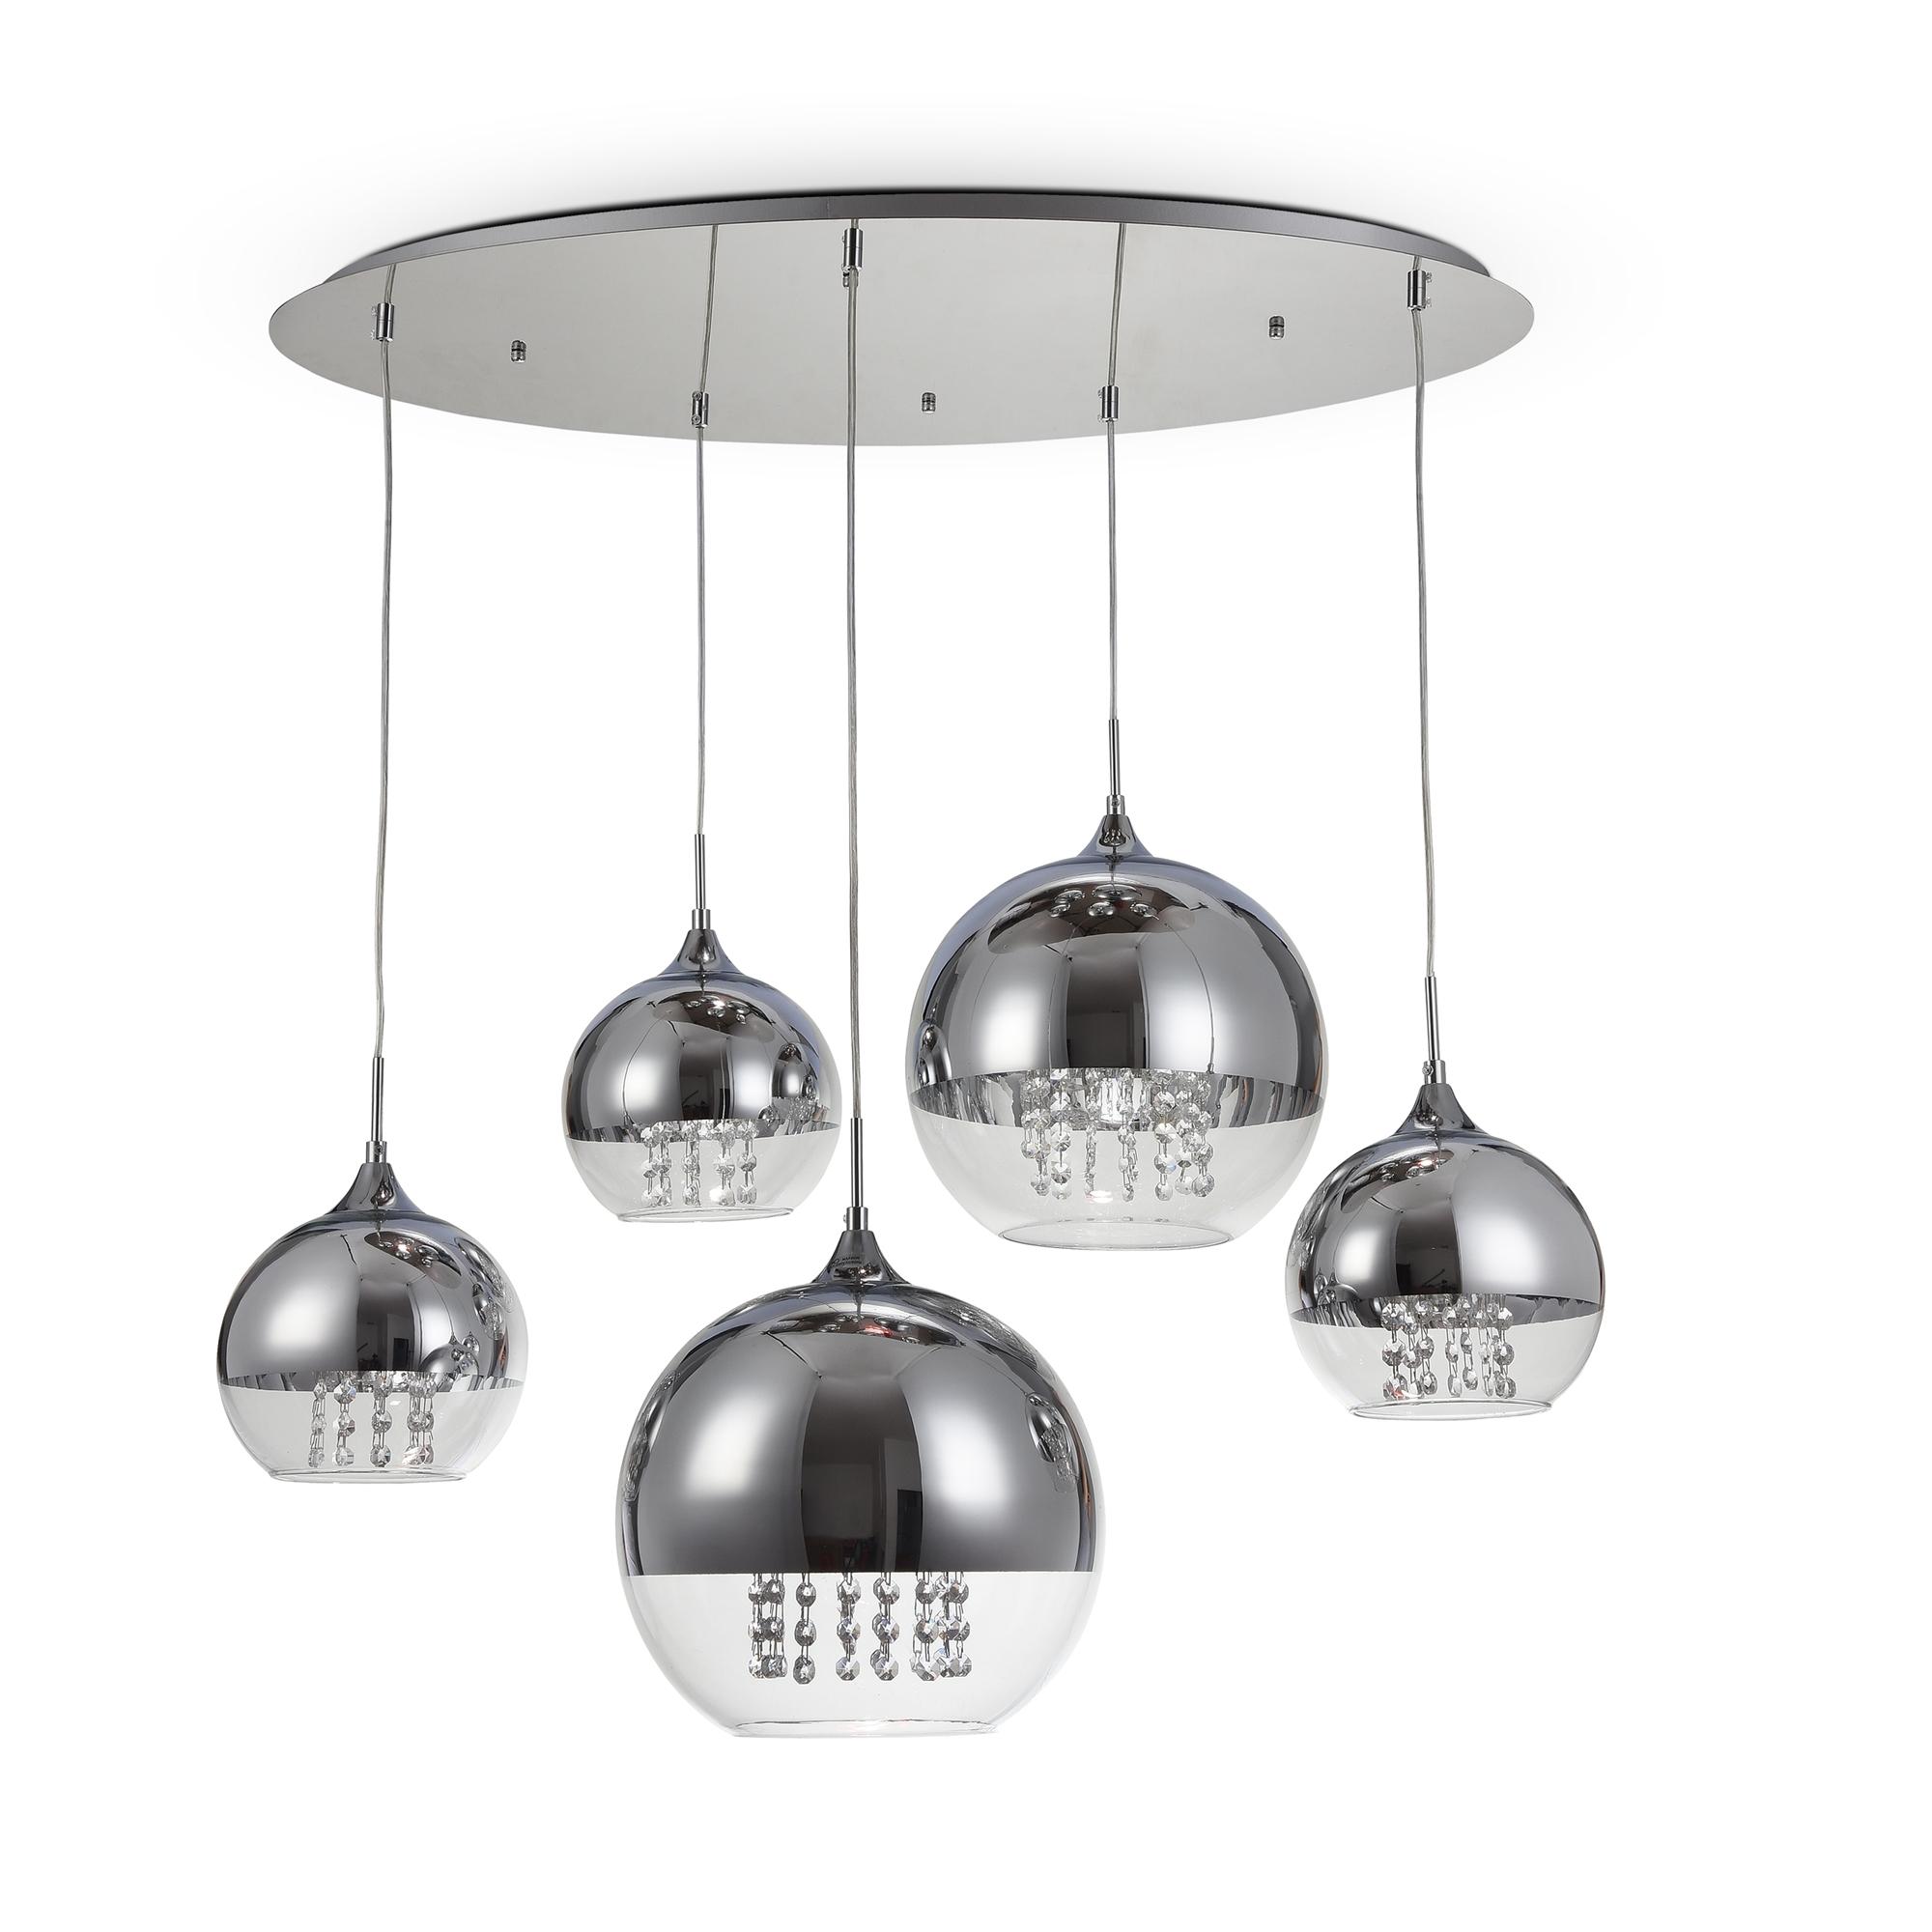 Люстра-каскад Maytoni Fermi P140-PL-170-5-N (F140-05-N), 5xE27x60W, никель, хром с прозрачным, прозрачный с хромом, прозрачный, металл, стекло - фото 1